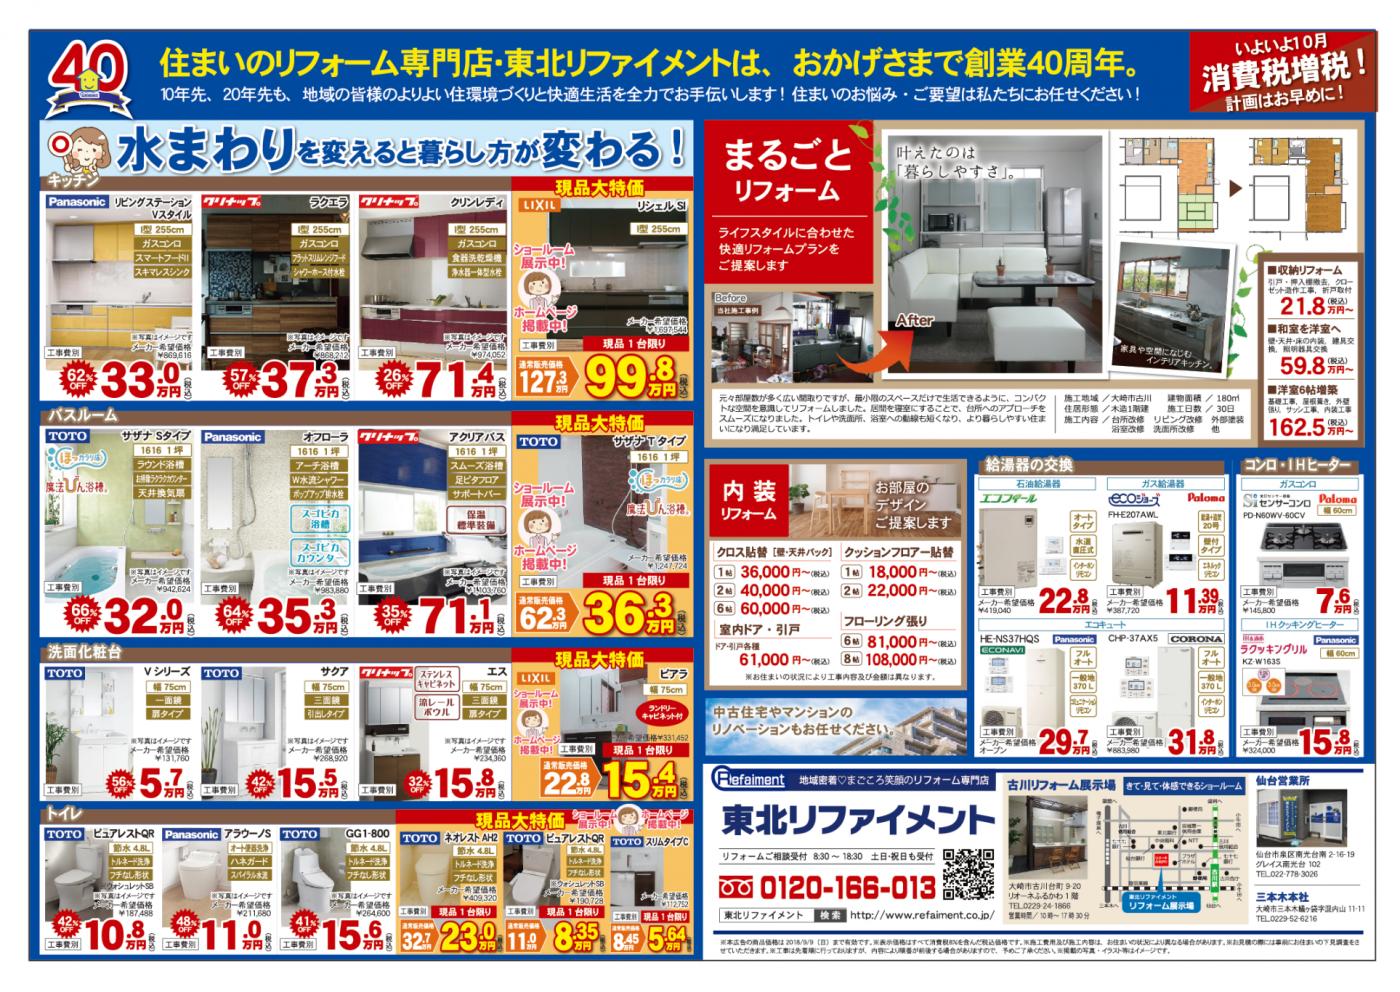 広告(2018_08_11) リフォーム総合 B4 OTL 裏